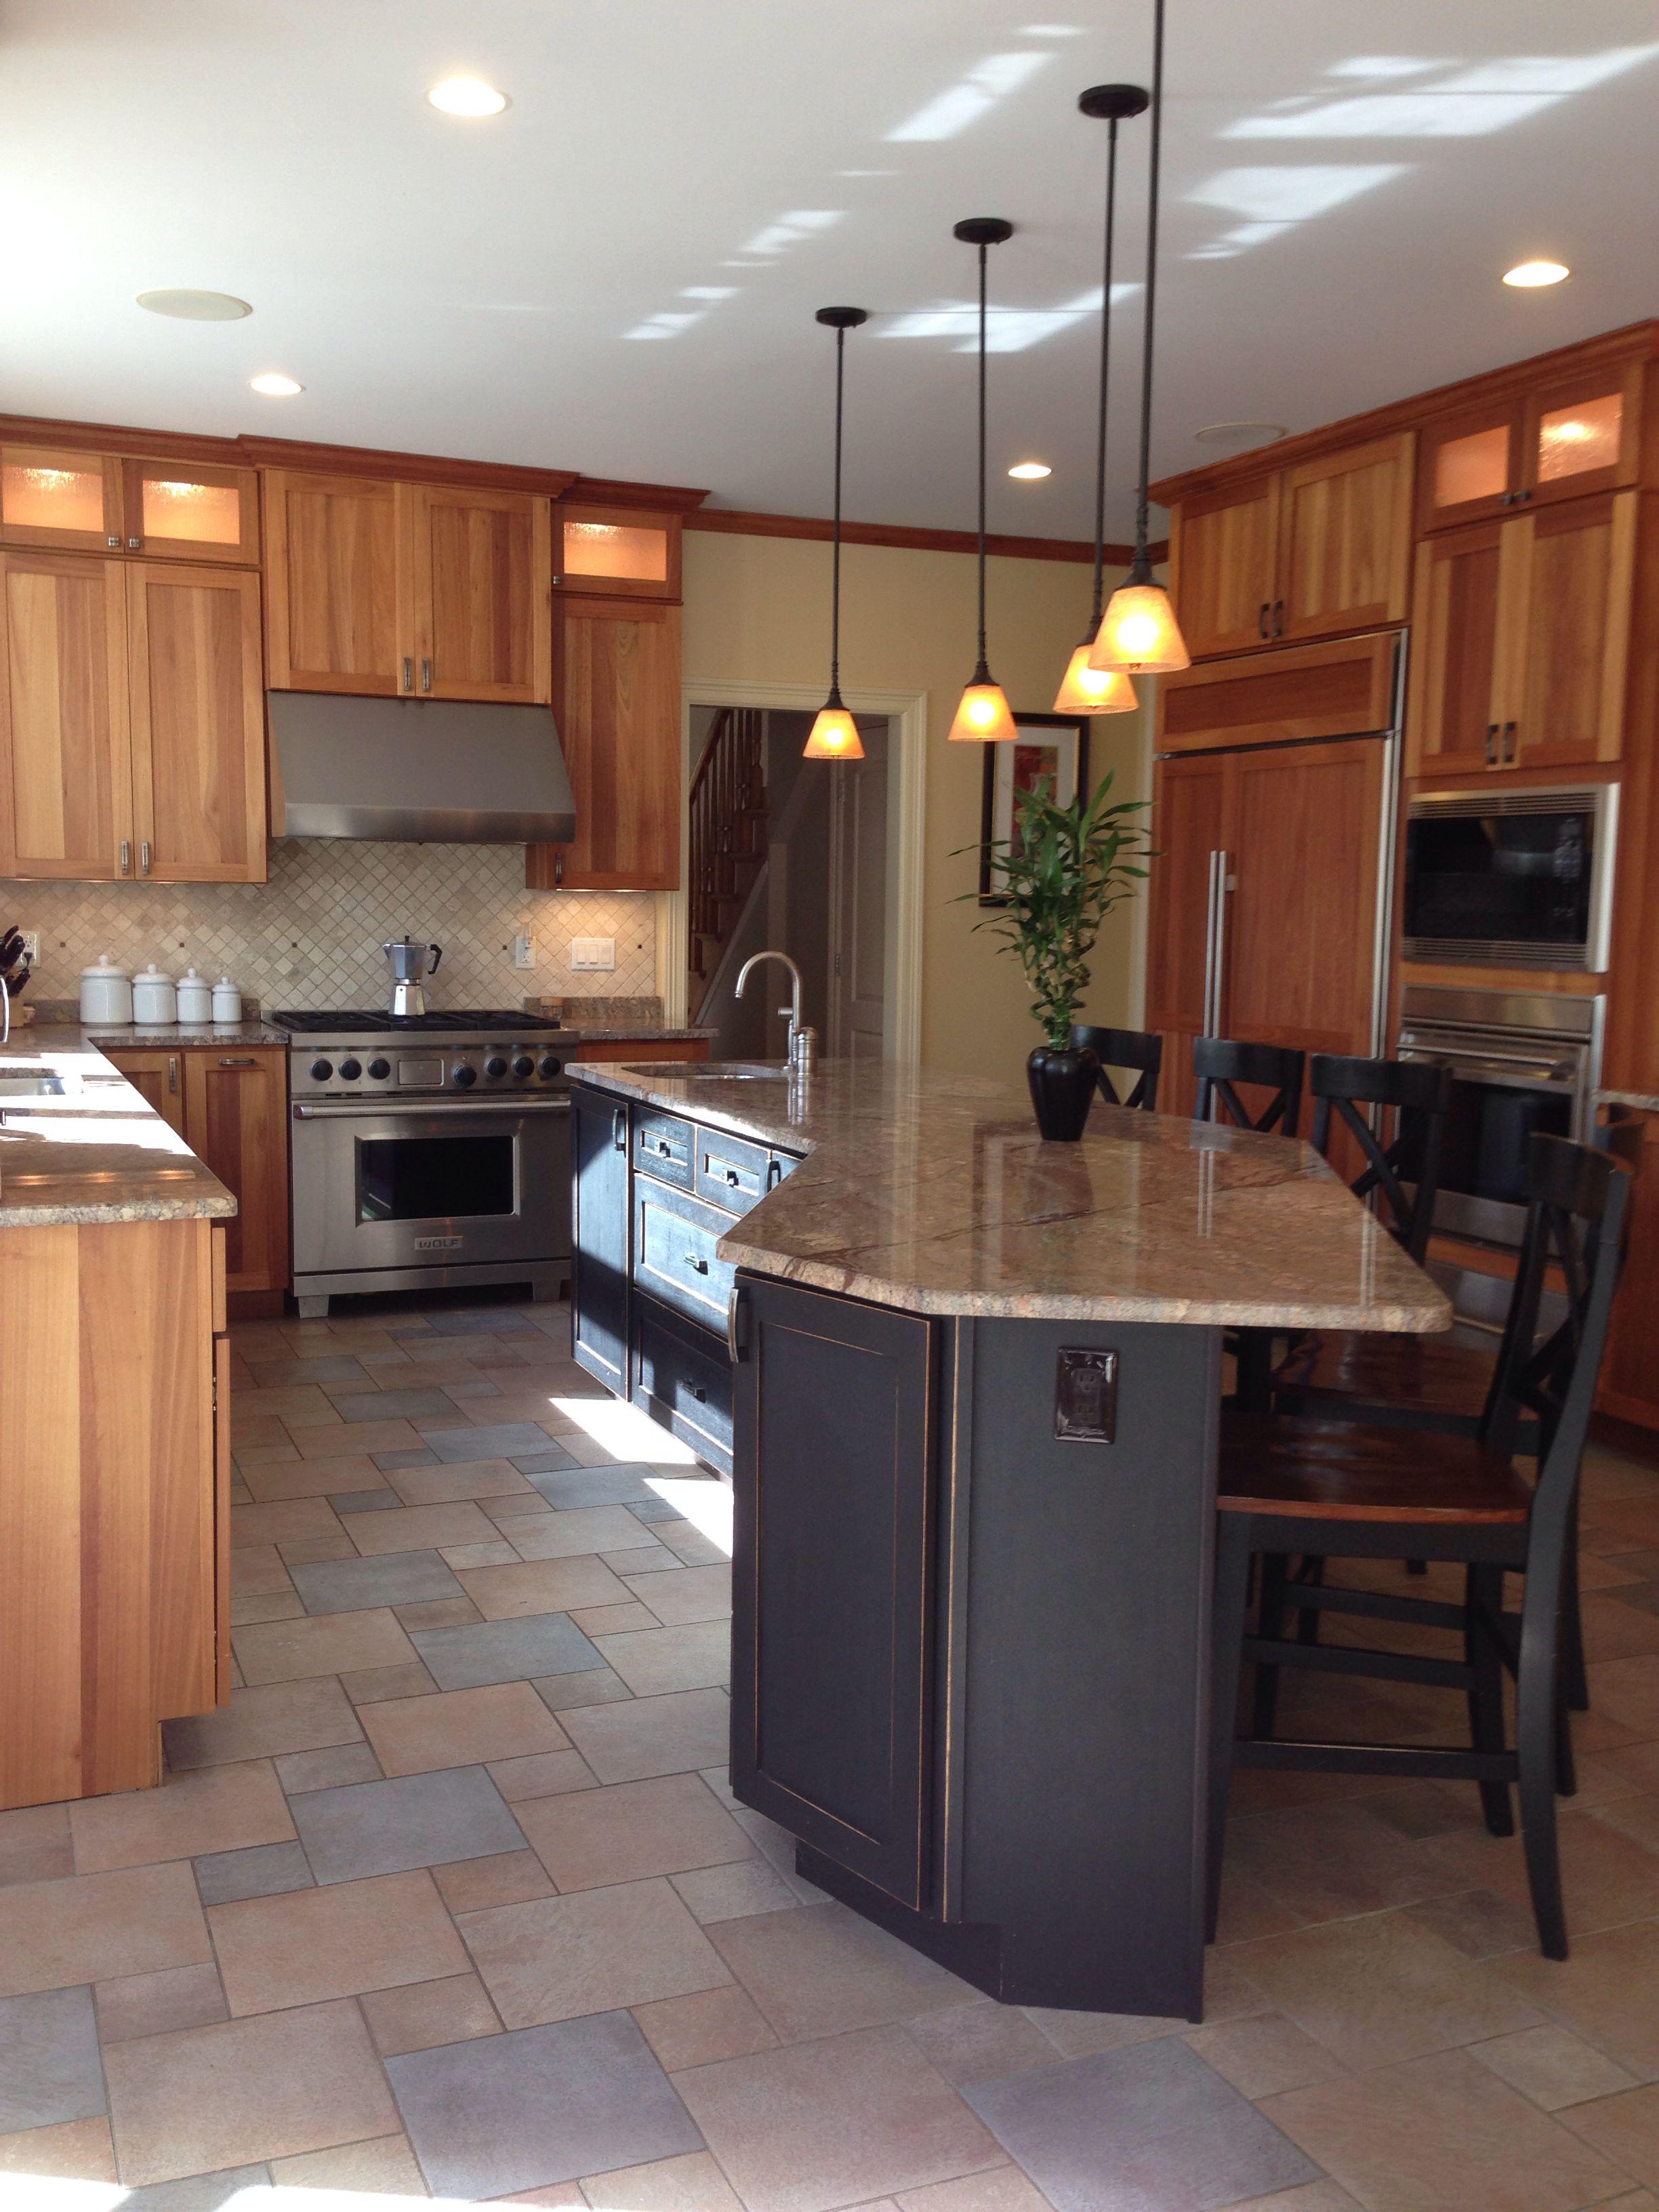 Wonderful kitchen - 199 North Shore Road, Putnam Valley NY ...